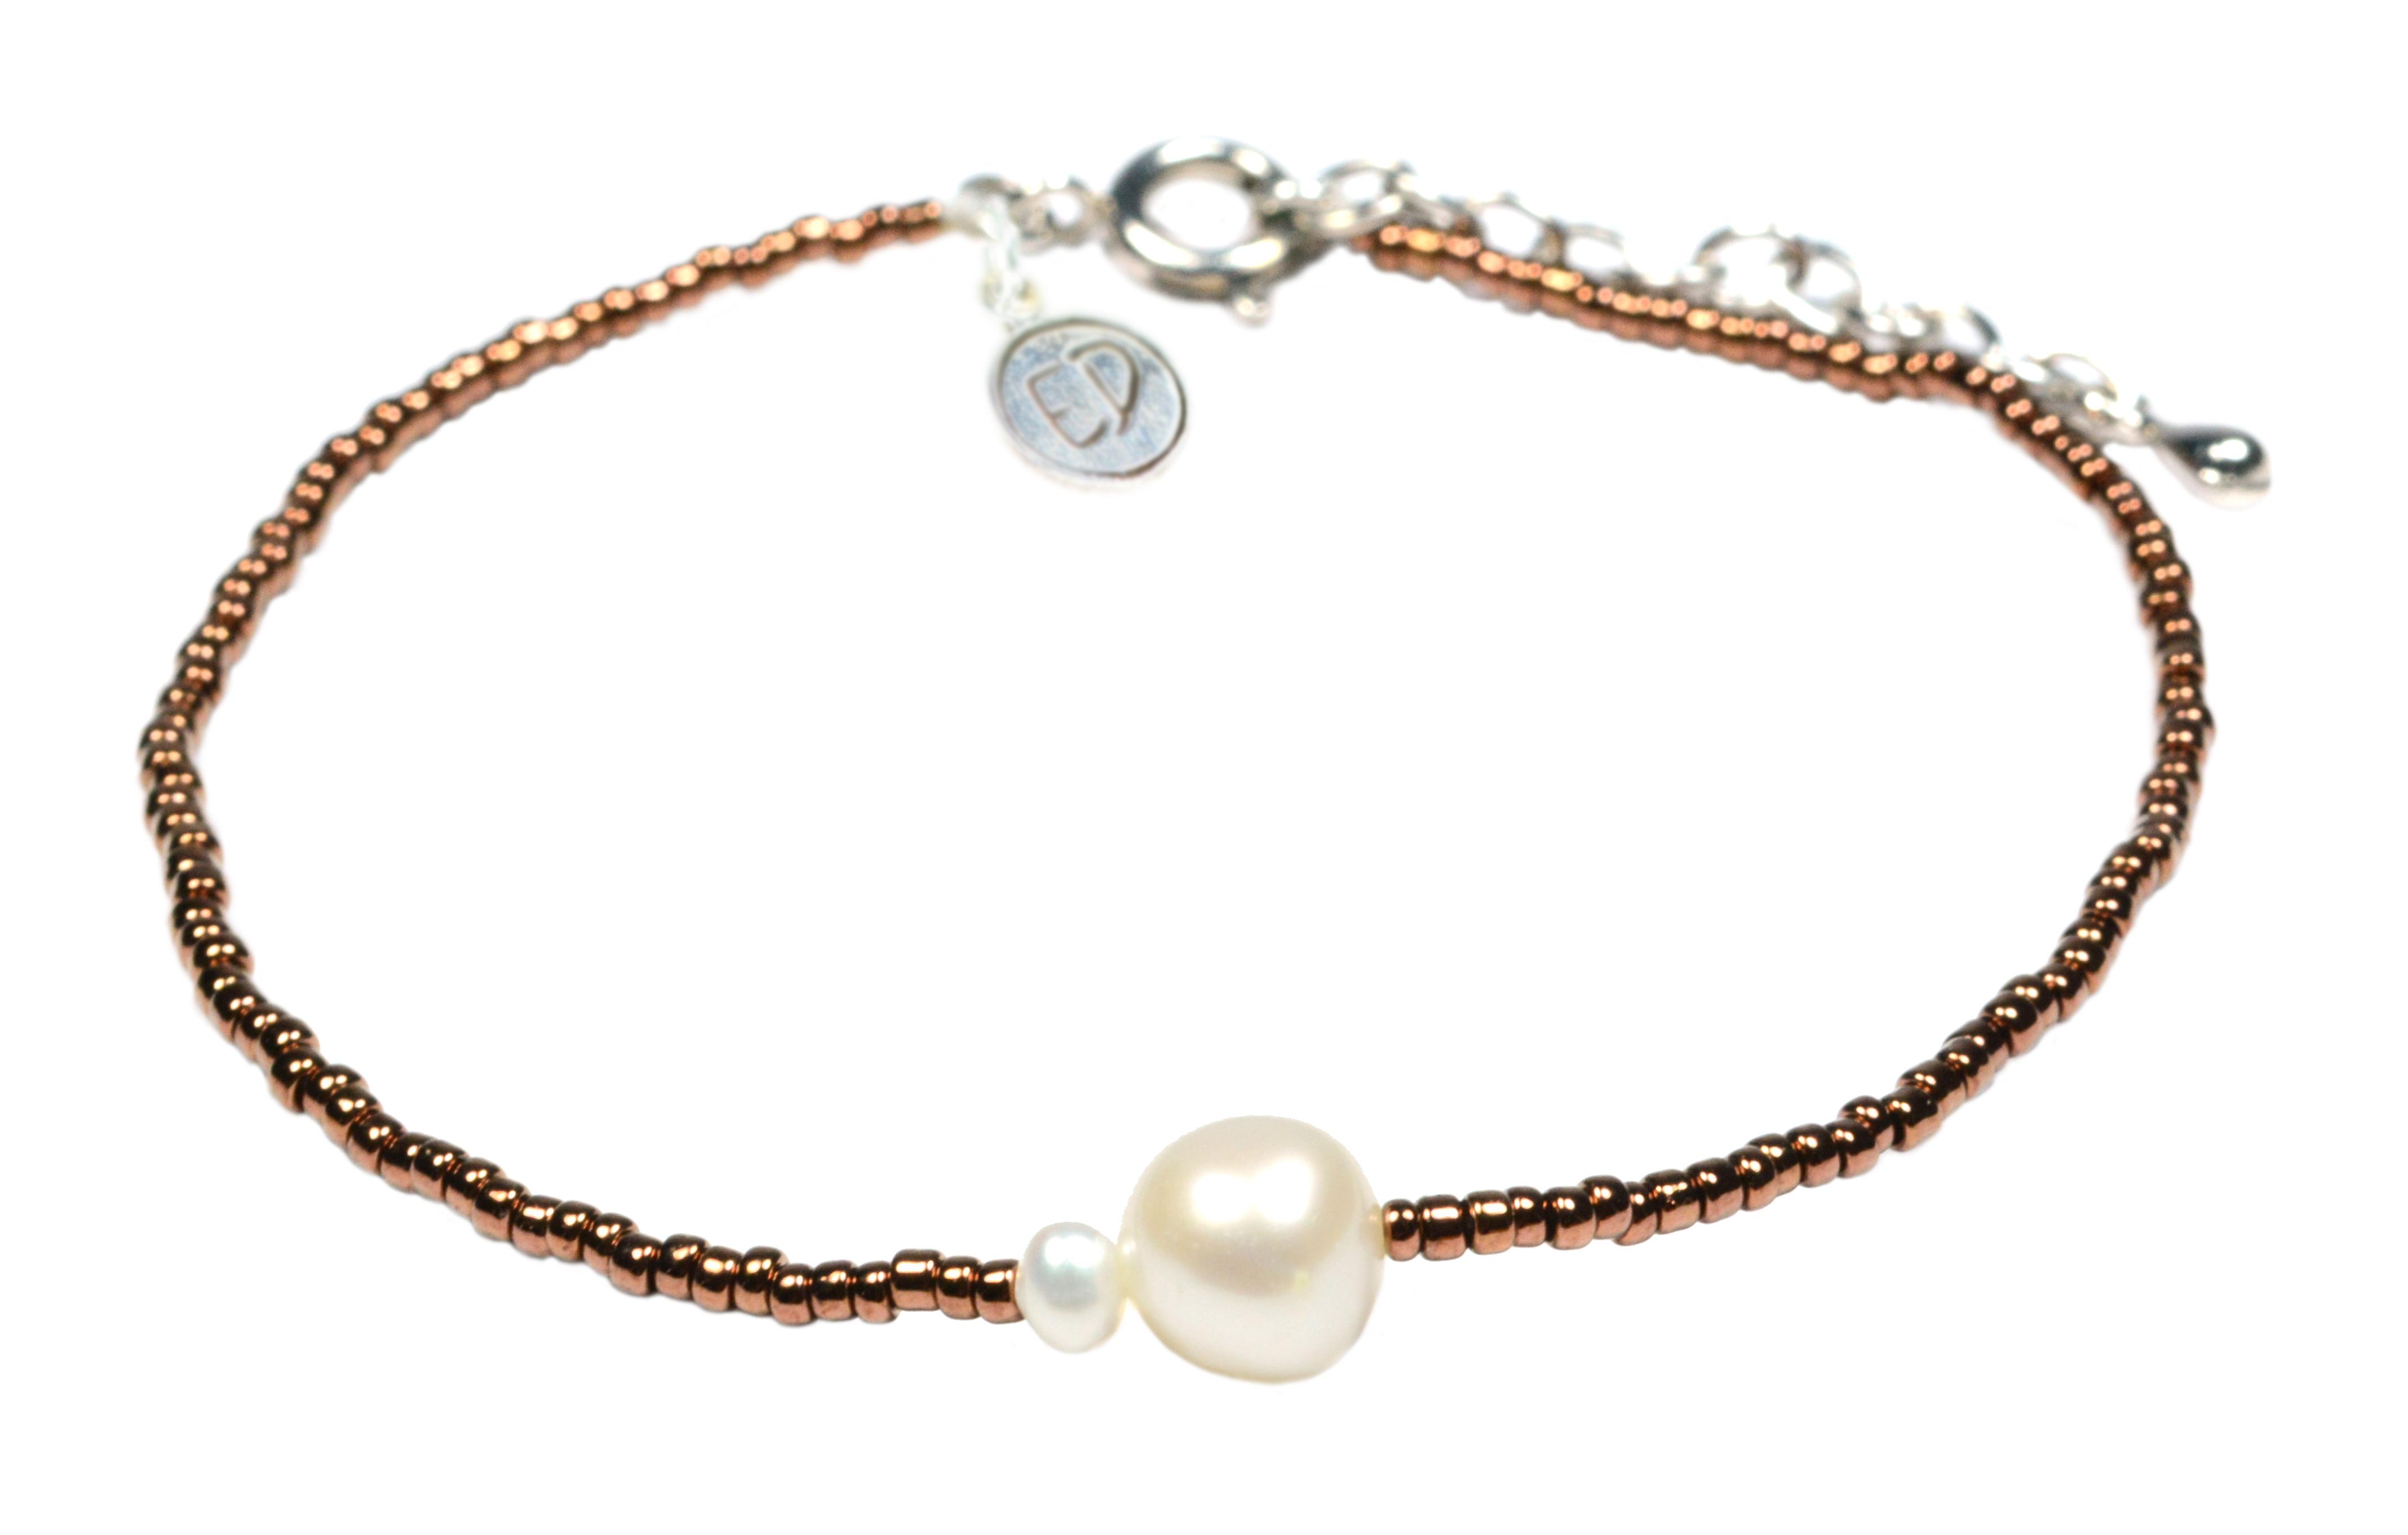 Náramok z japonského rokajlu s riečnymi perlami - bronzový